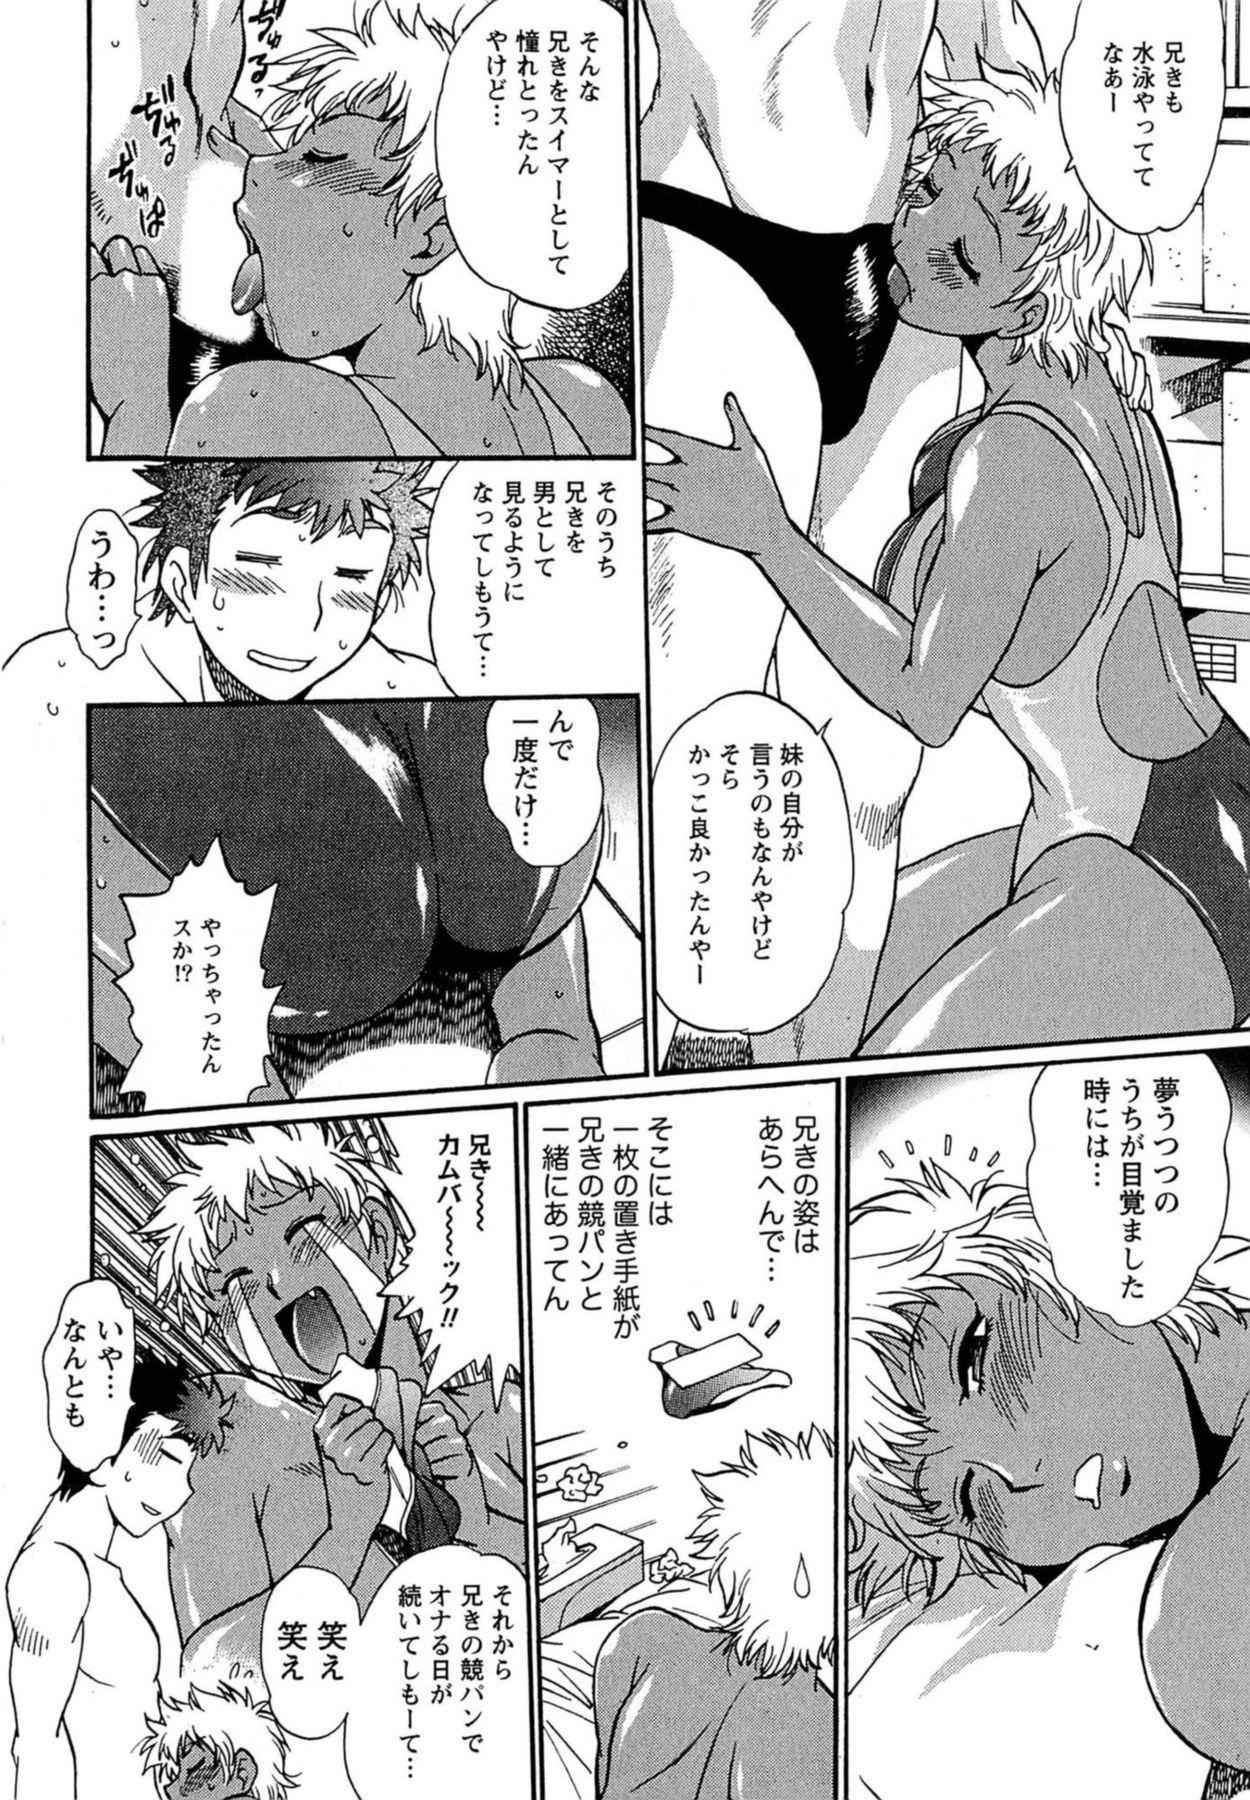 Kuikomi wo Naoshiteru Hima wa Nai! Vol. 1 192